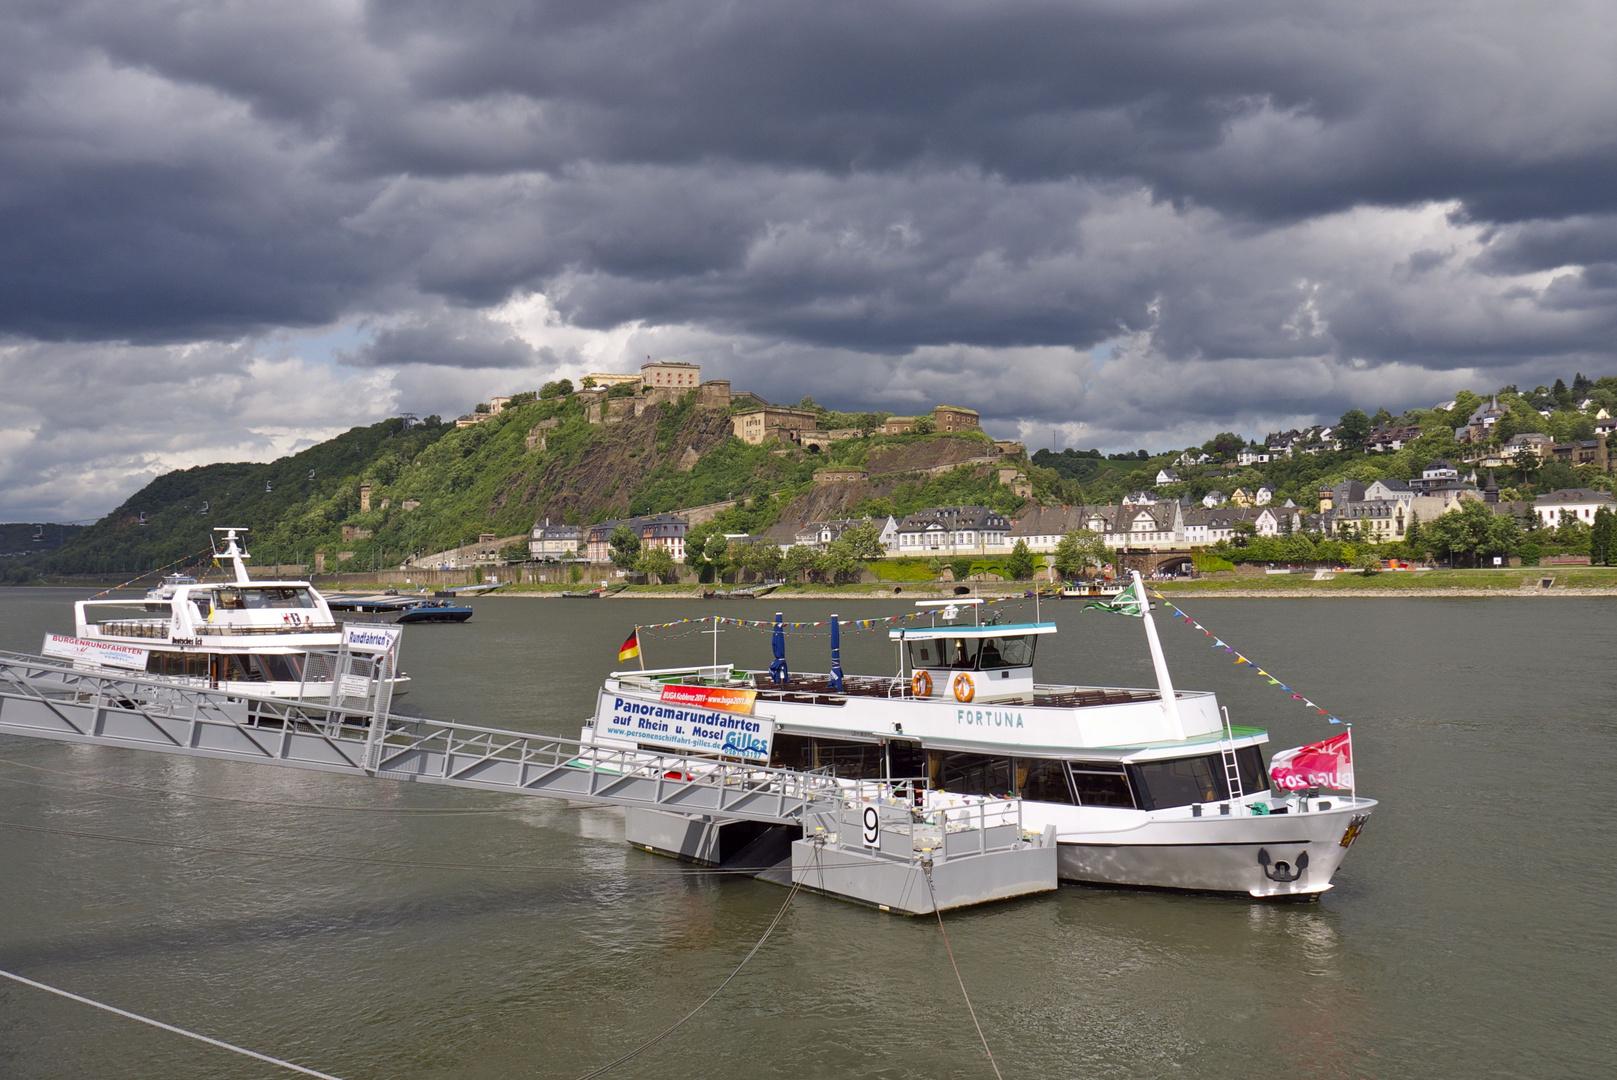 düstere Wolken in Koblenz am Rhein